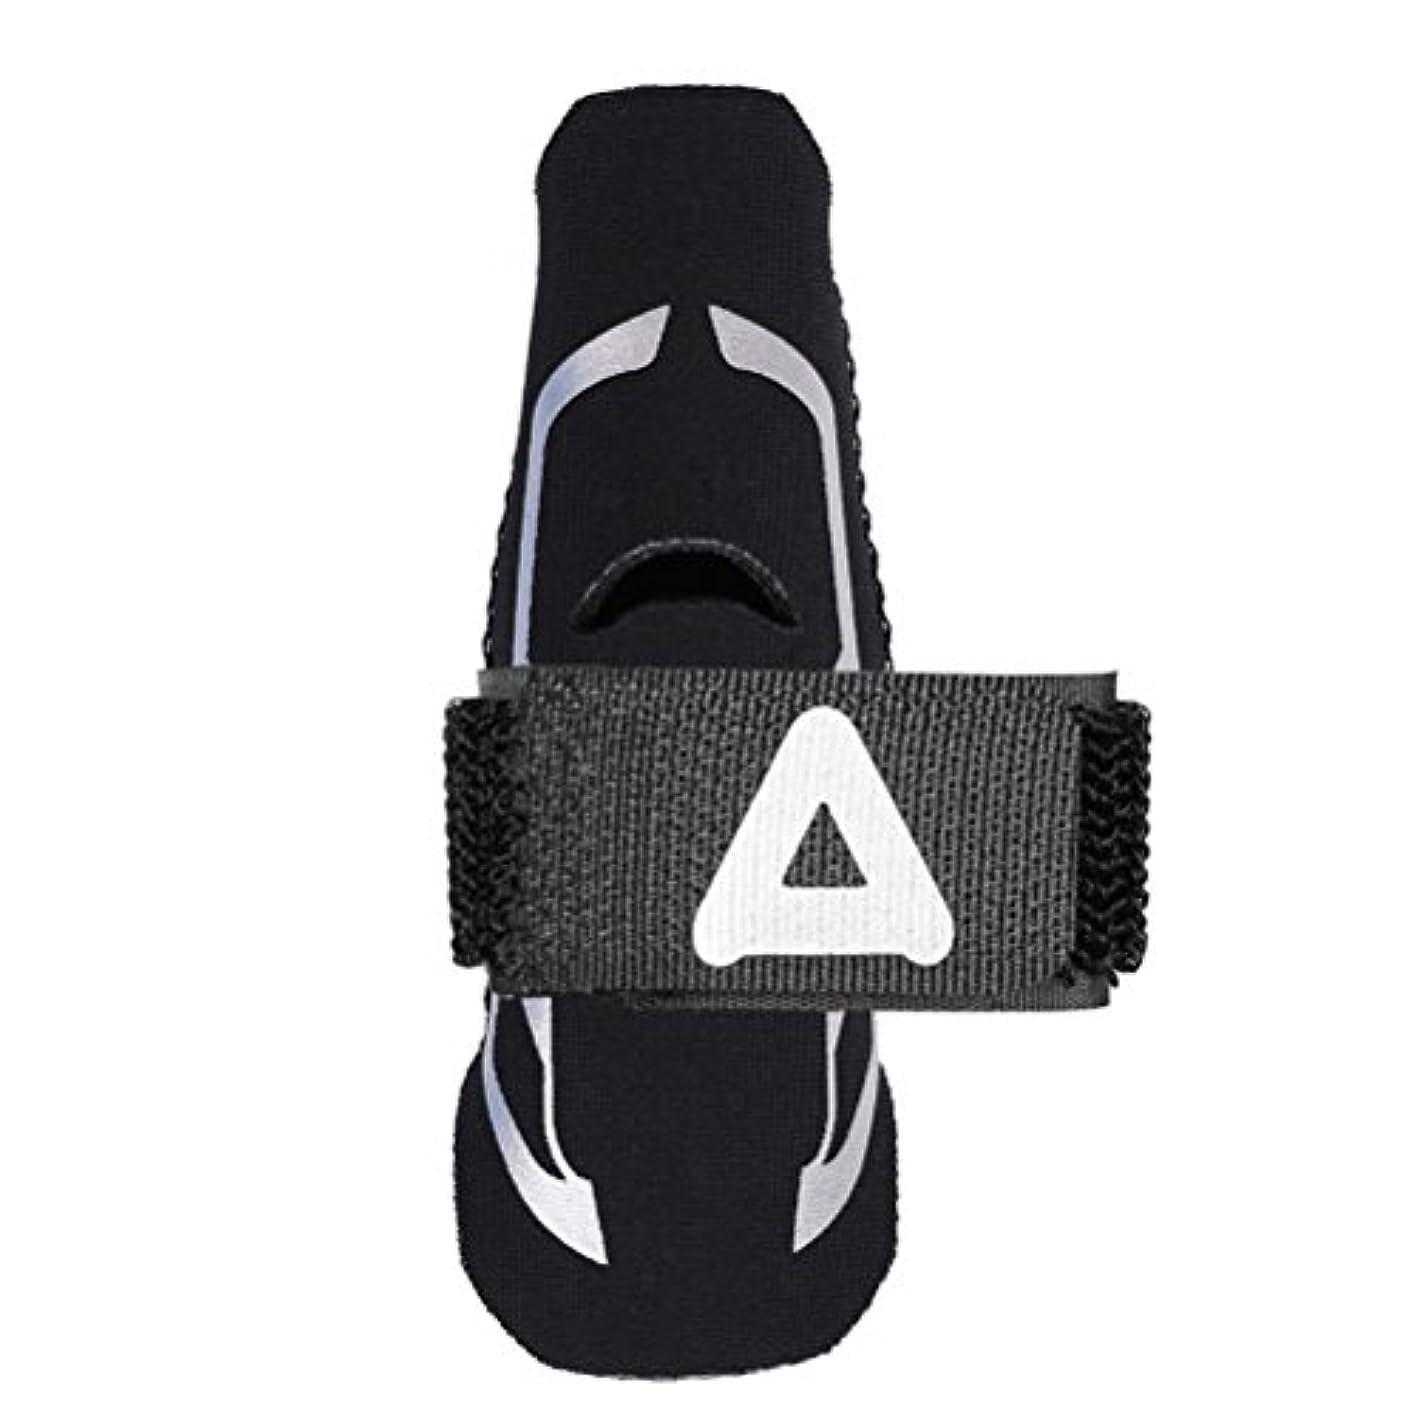 服を片付ける劇的アーティキュレーションSUPVOX トリガーマレットフィンガーブレースフィンガースプリントサポート腱調整可能なストラップサイズS/Mで痛みを和らげる